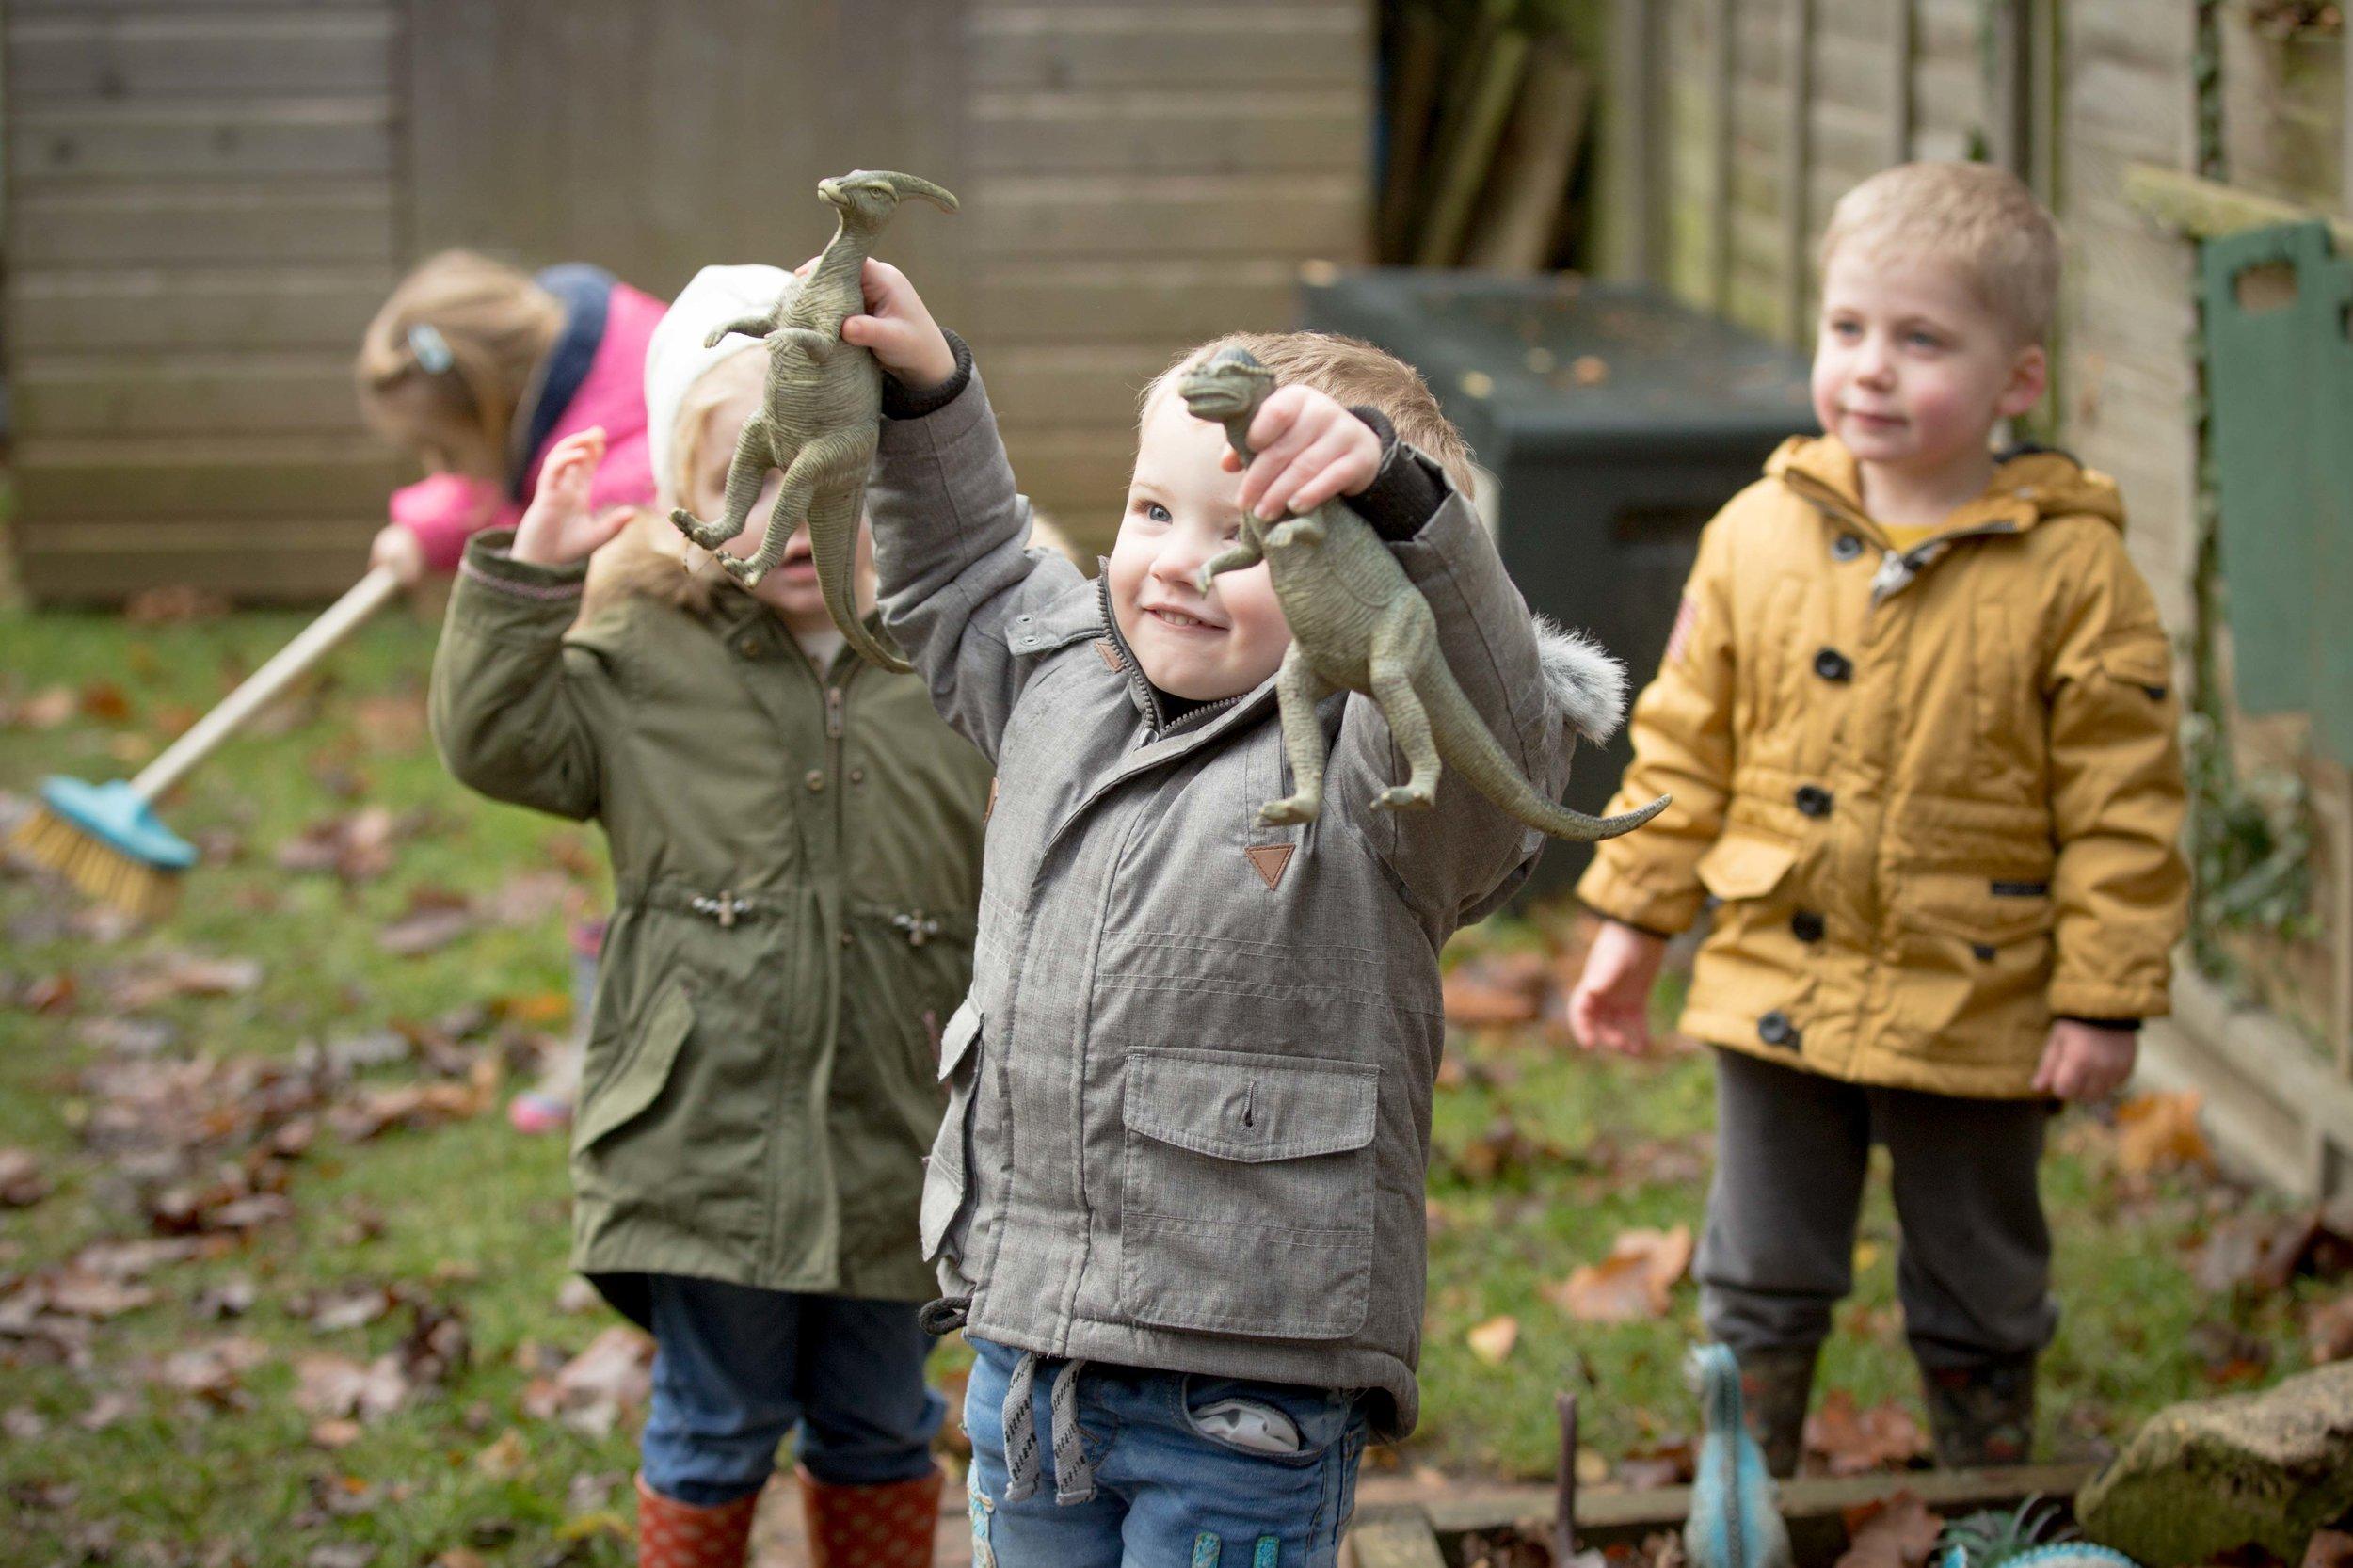 1-Commercial-nursery-school-photographer-gloucester-natalia-smith-photography-20.jpg